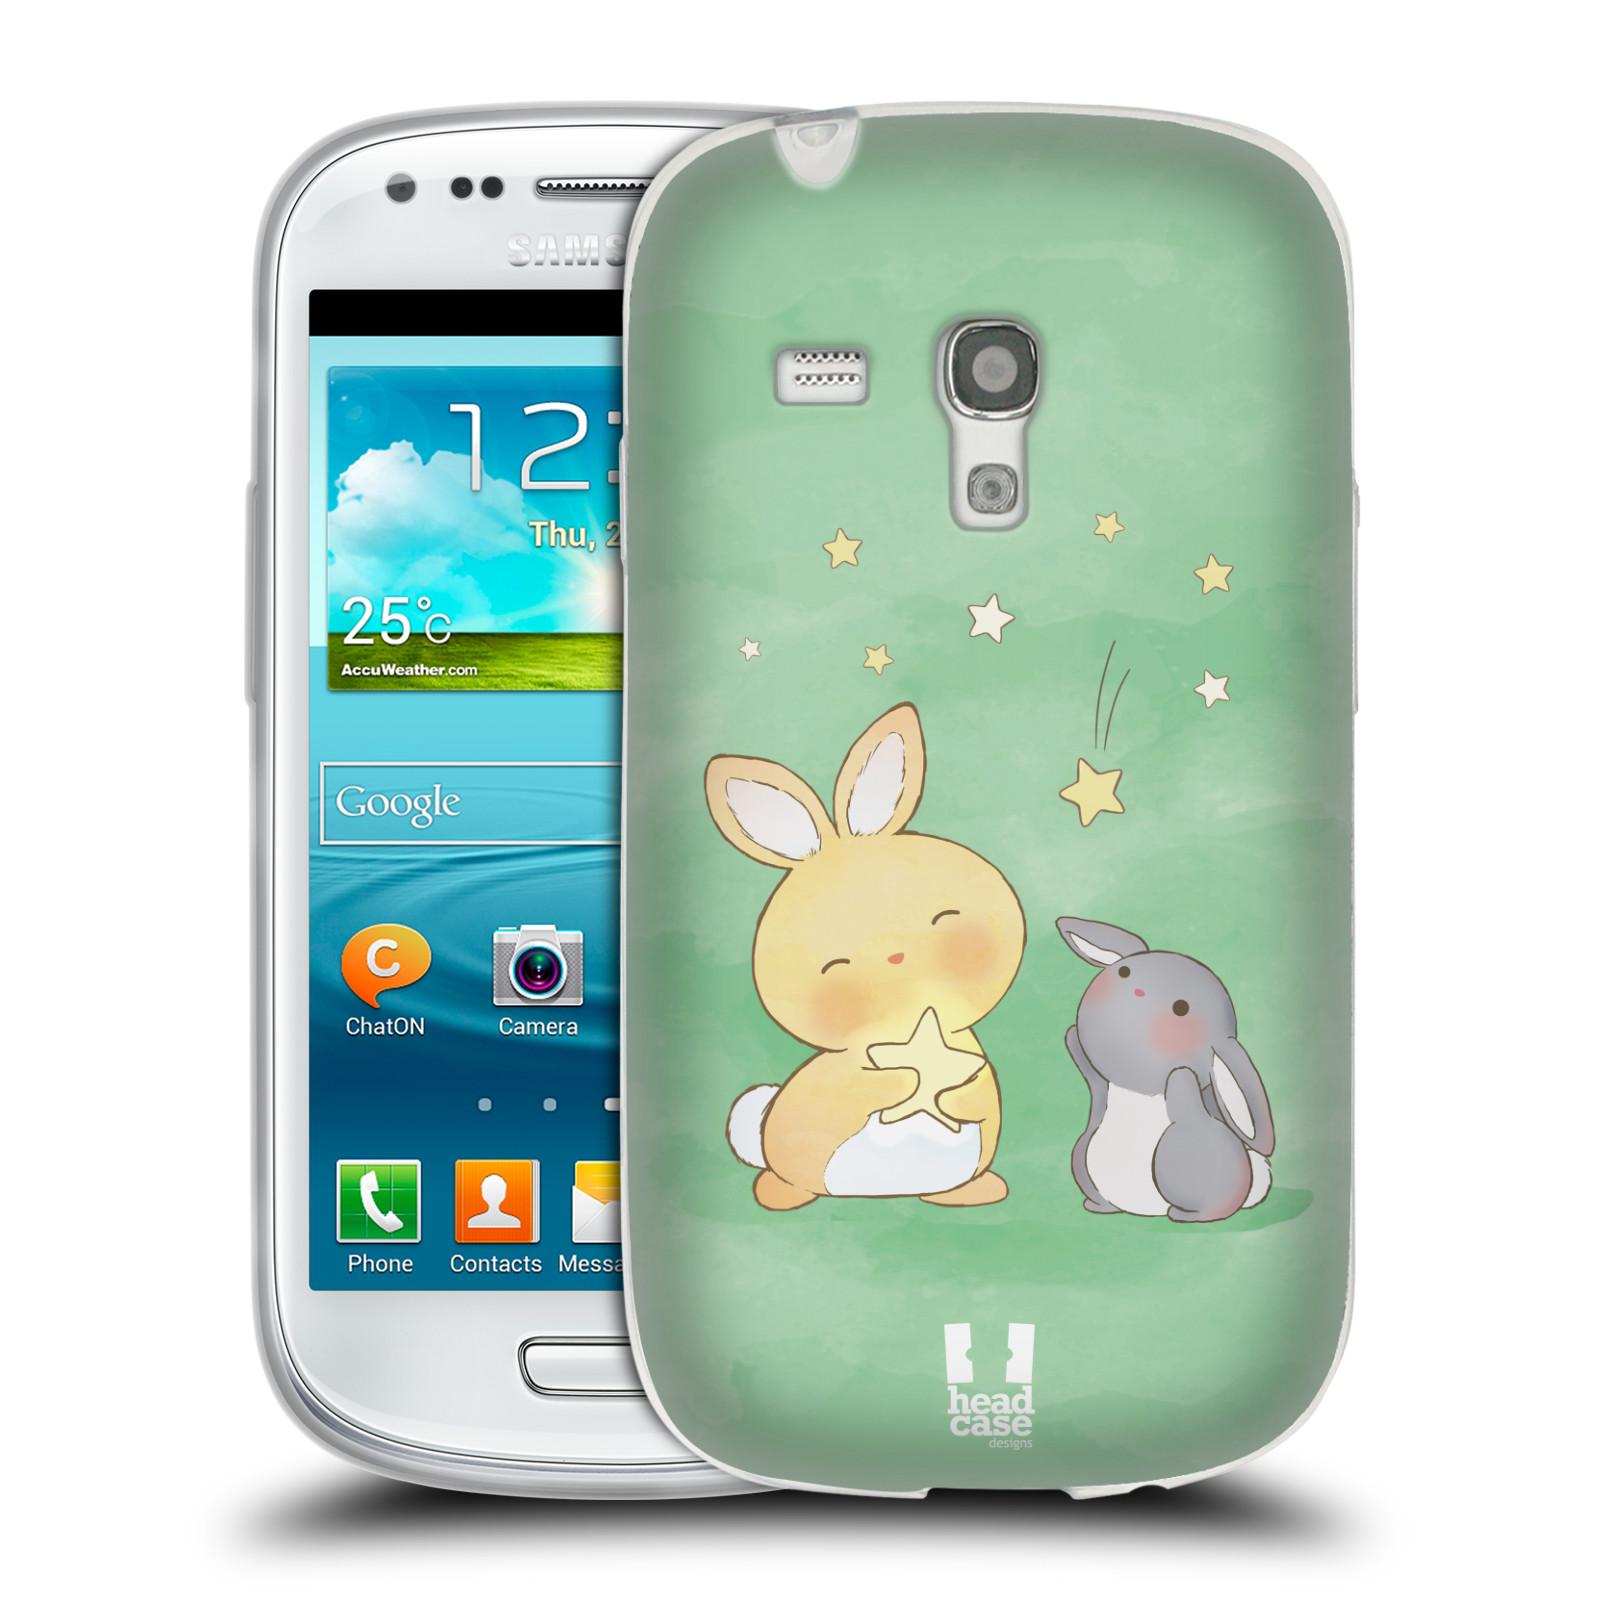 HEAD CASE silikonový obal na mobil Samsung Galaxy S3 MINI i8190 vzor králíček a hvězdy zelená